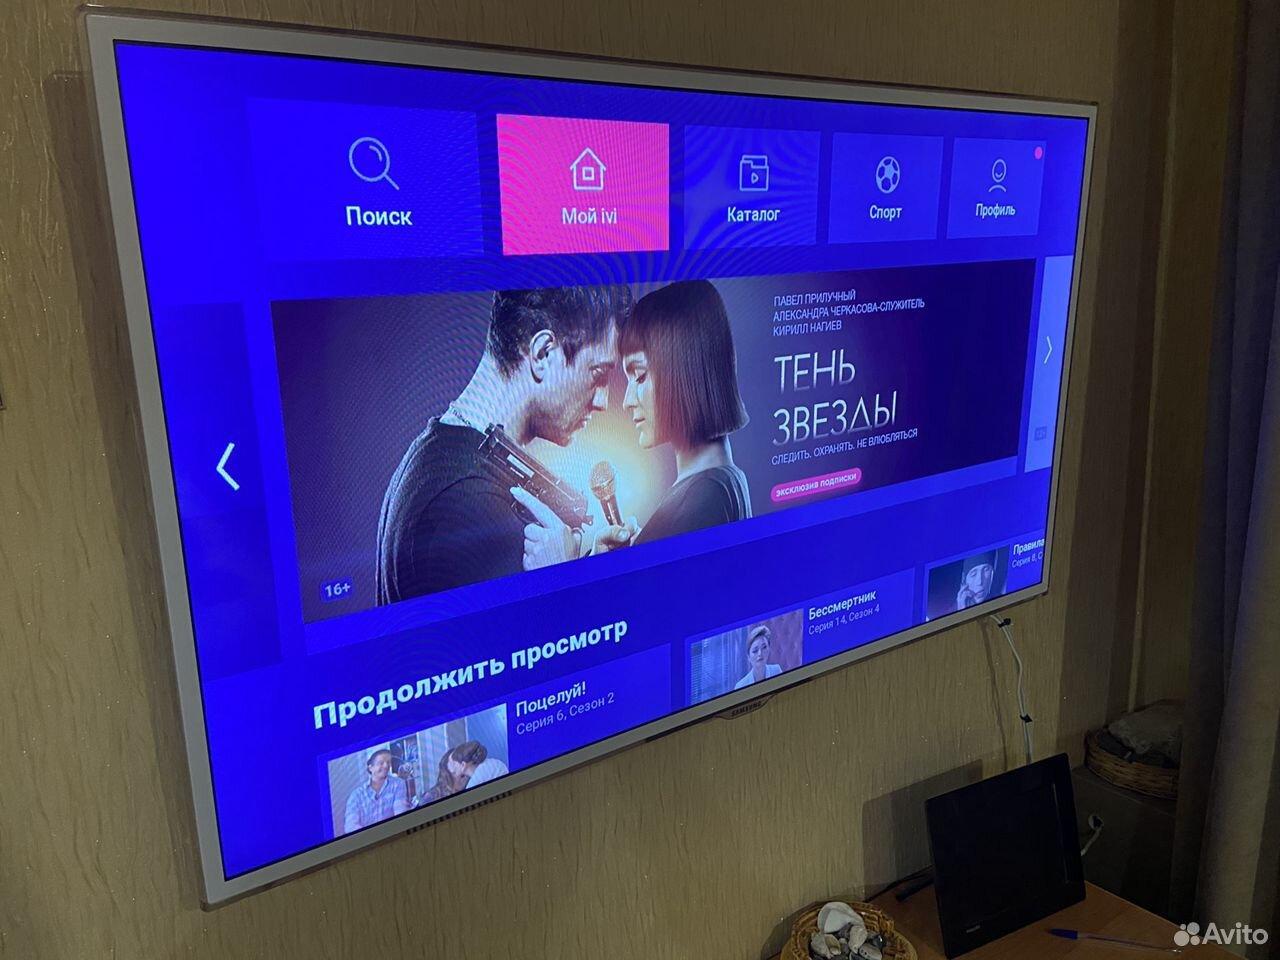 Samsung LED 46(116см) Smart Tv 3D  89085533314 купить 3